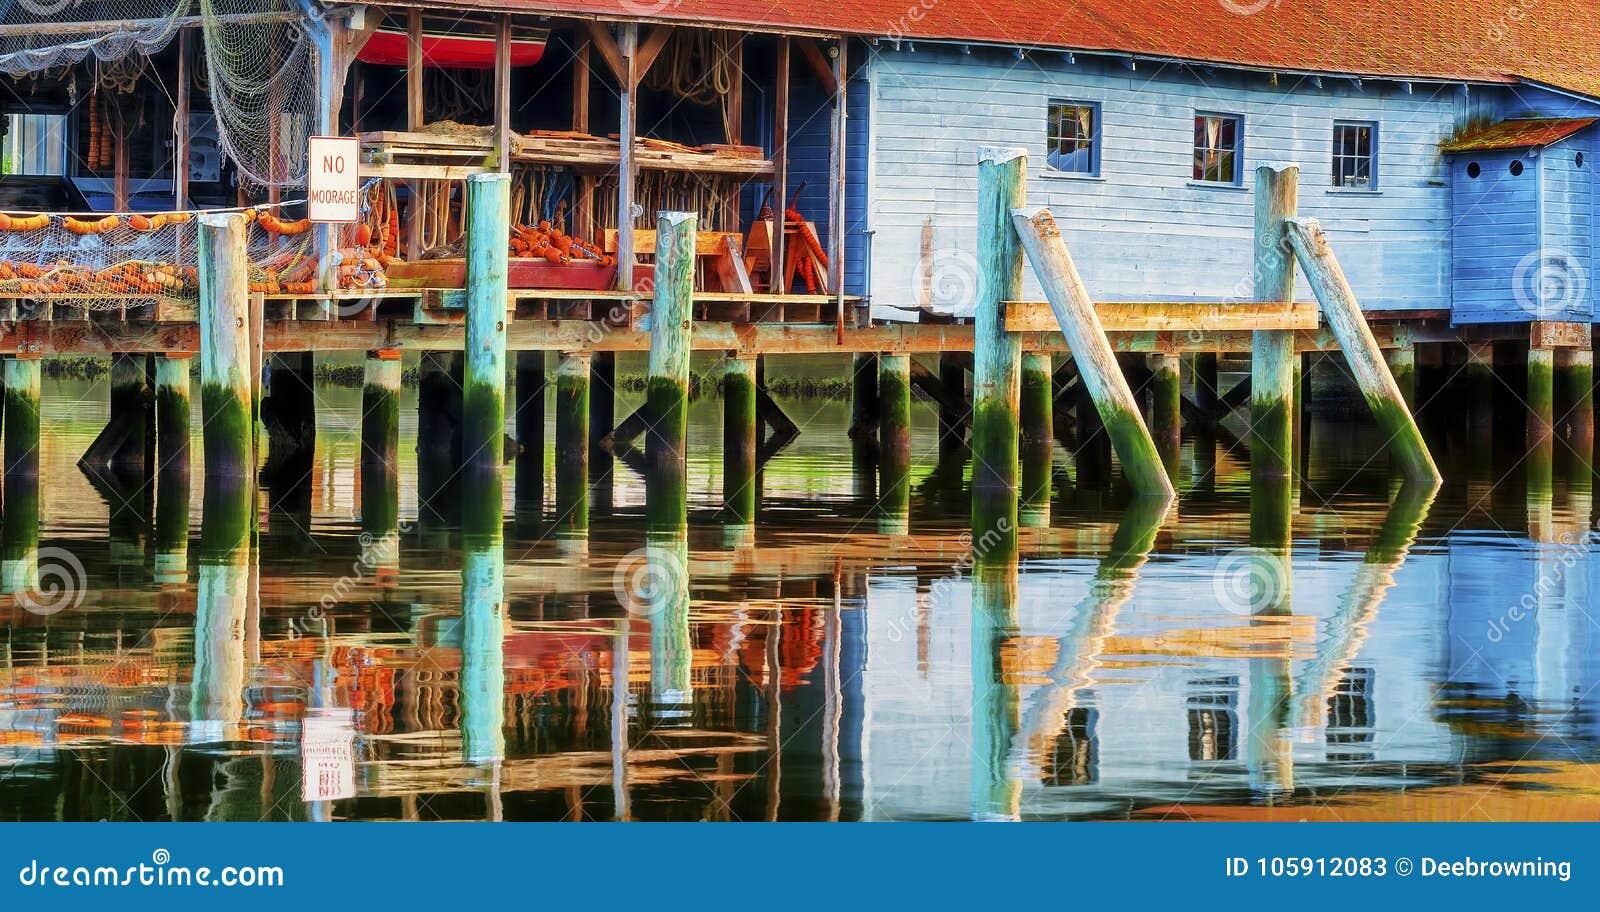 Ένα καθαρό υπόστεγο απεικονίζει στον ήχο Puget στο λιμάνι συναυλιών